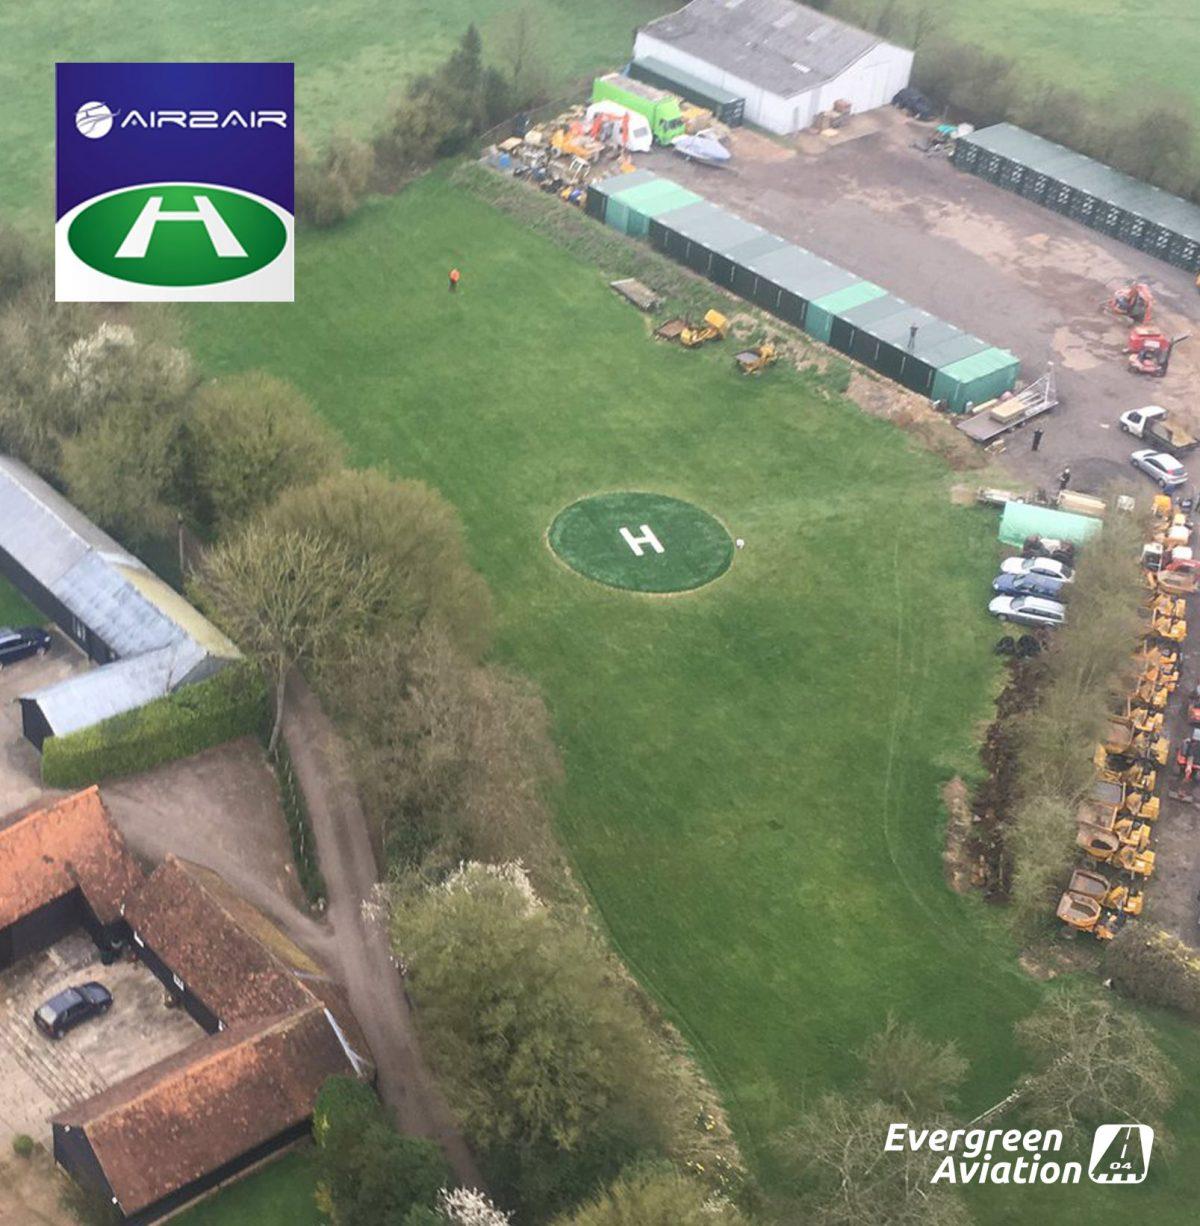 Evergreen Aviations UK AGAT Helipad partner, Air2Air 12092017